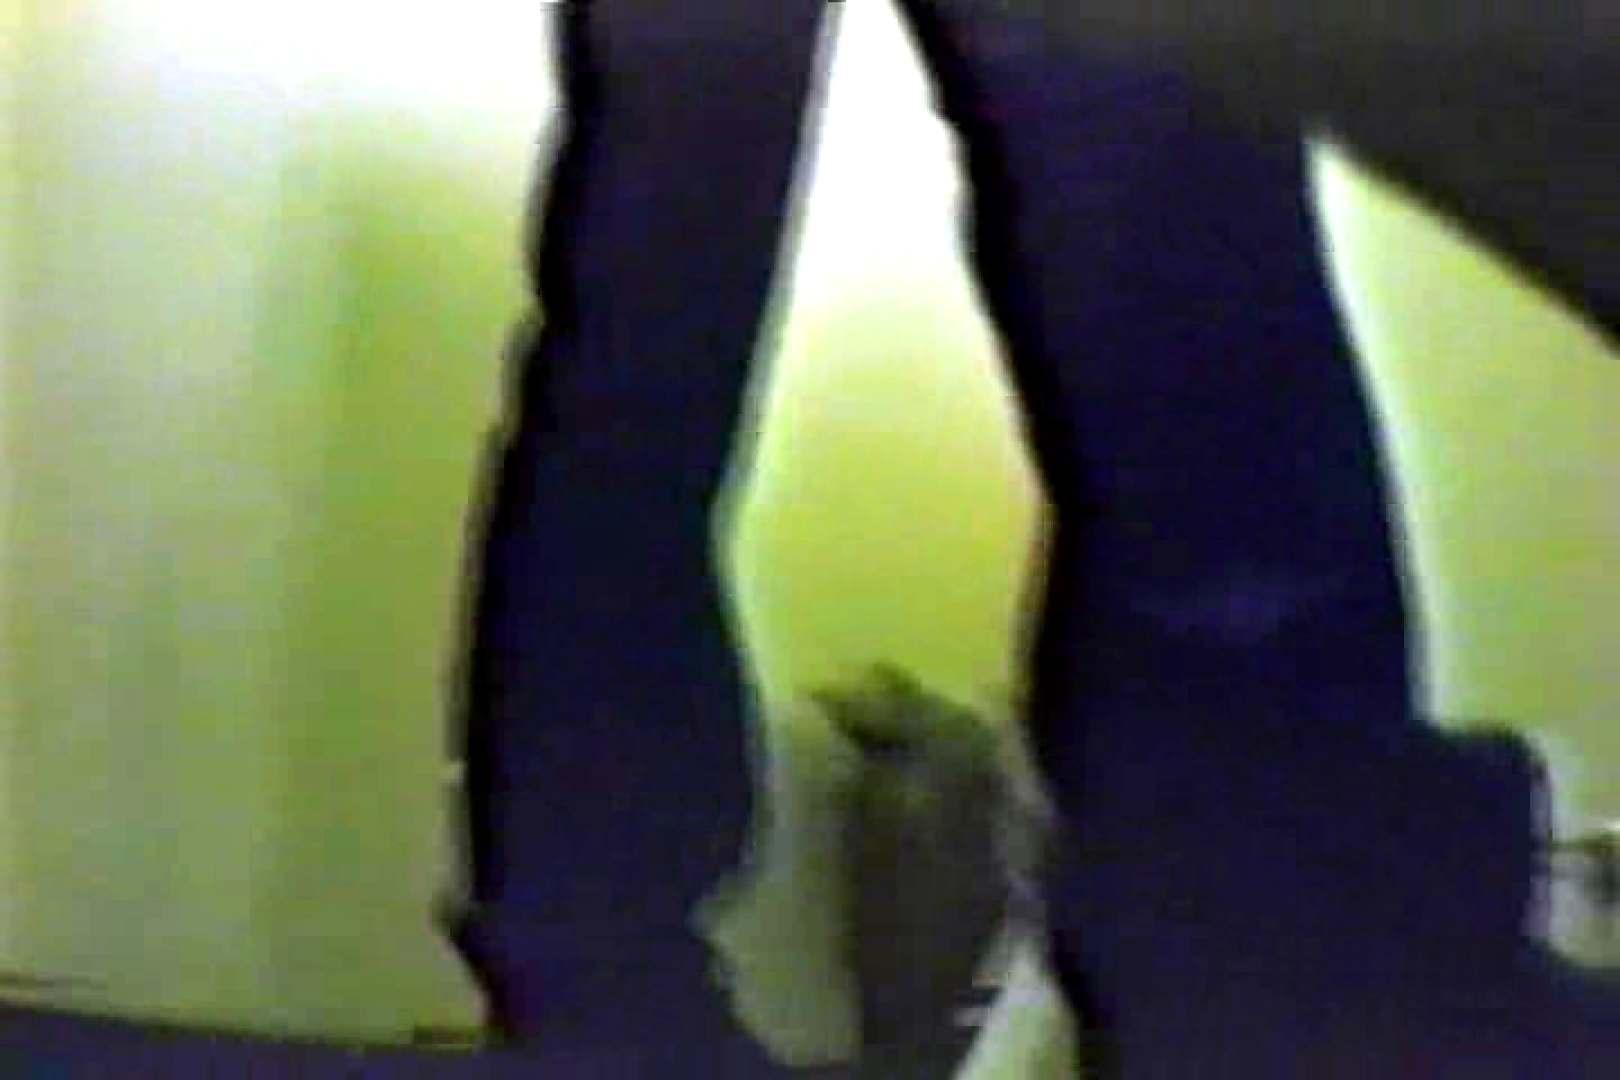 個室狂いのマニア映像Vol.1 エロティックなOL われめAV動画紹介 95画像 80